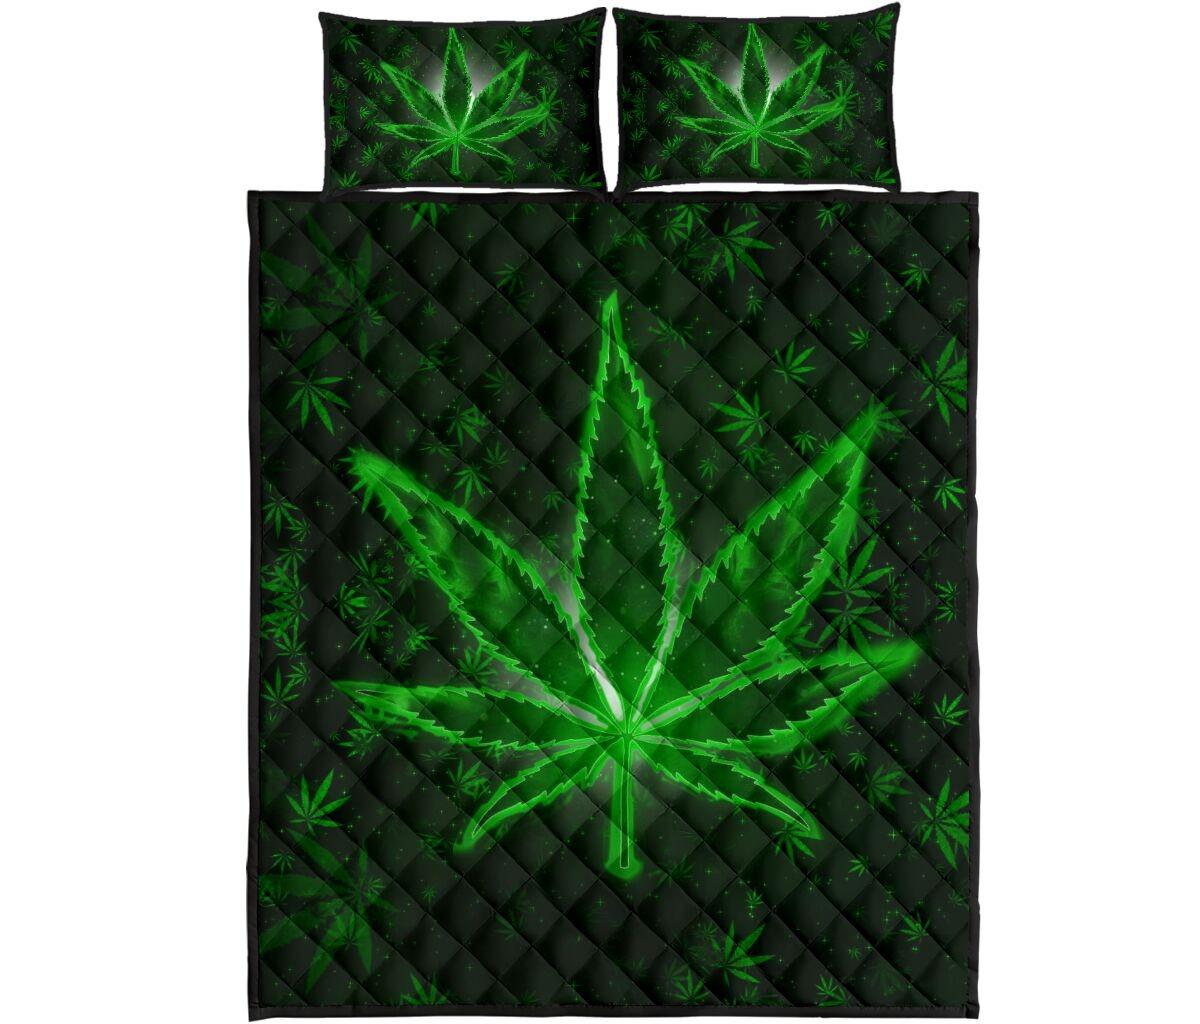 Weeds quilt bedding set4